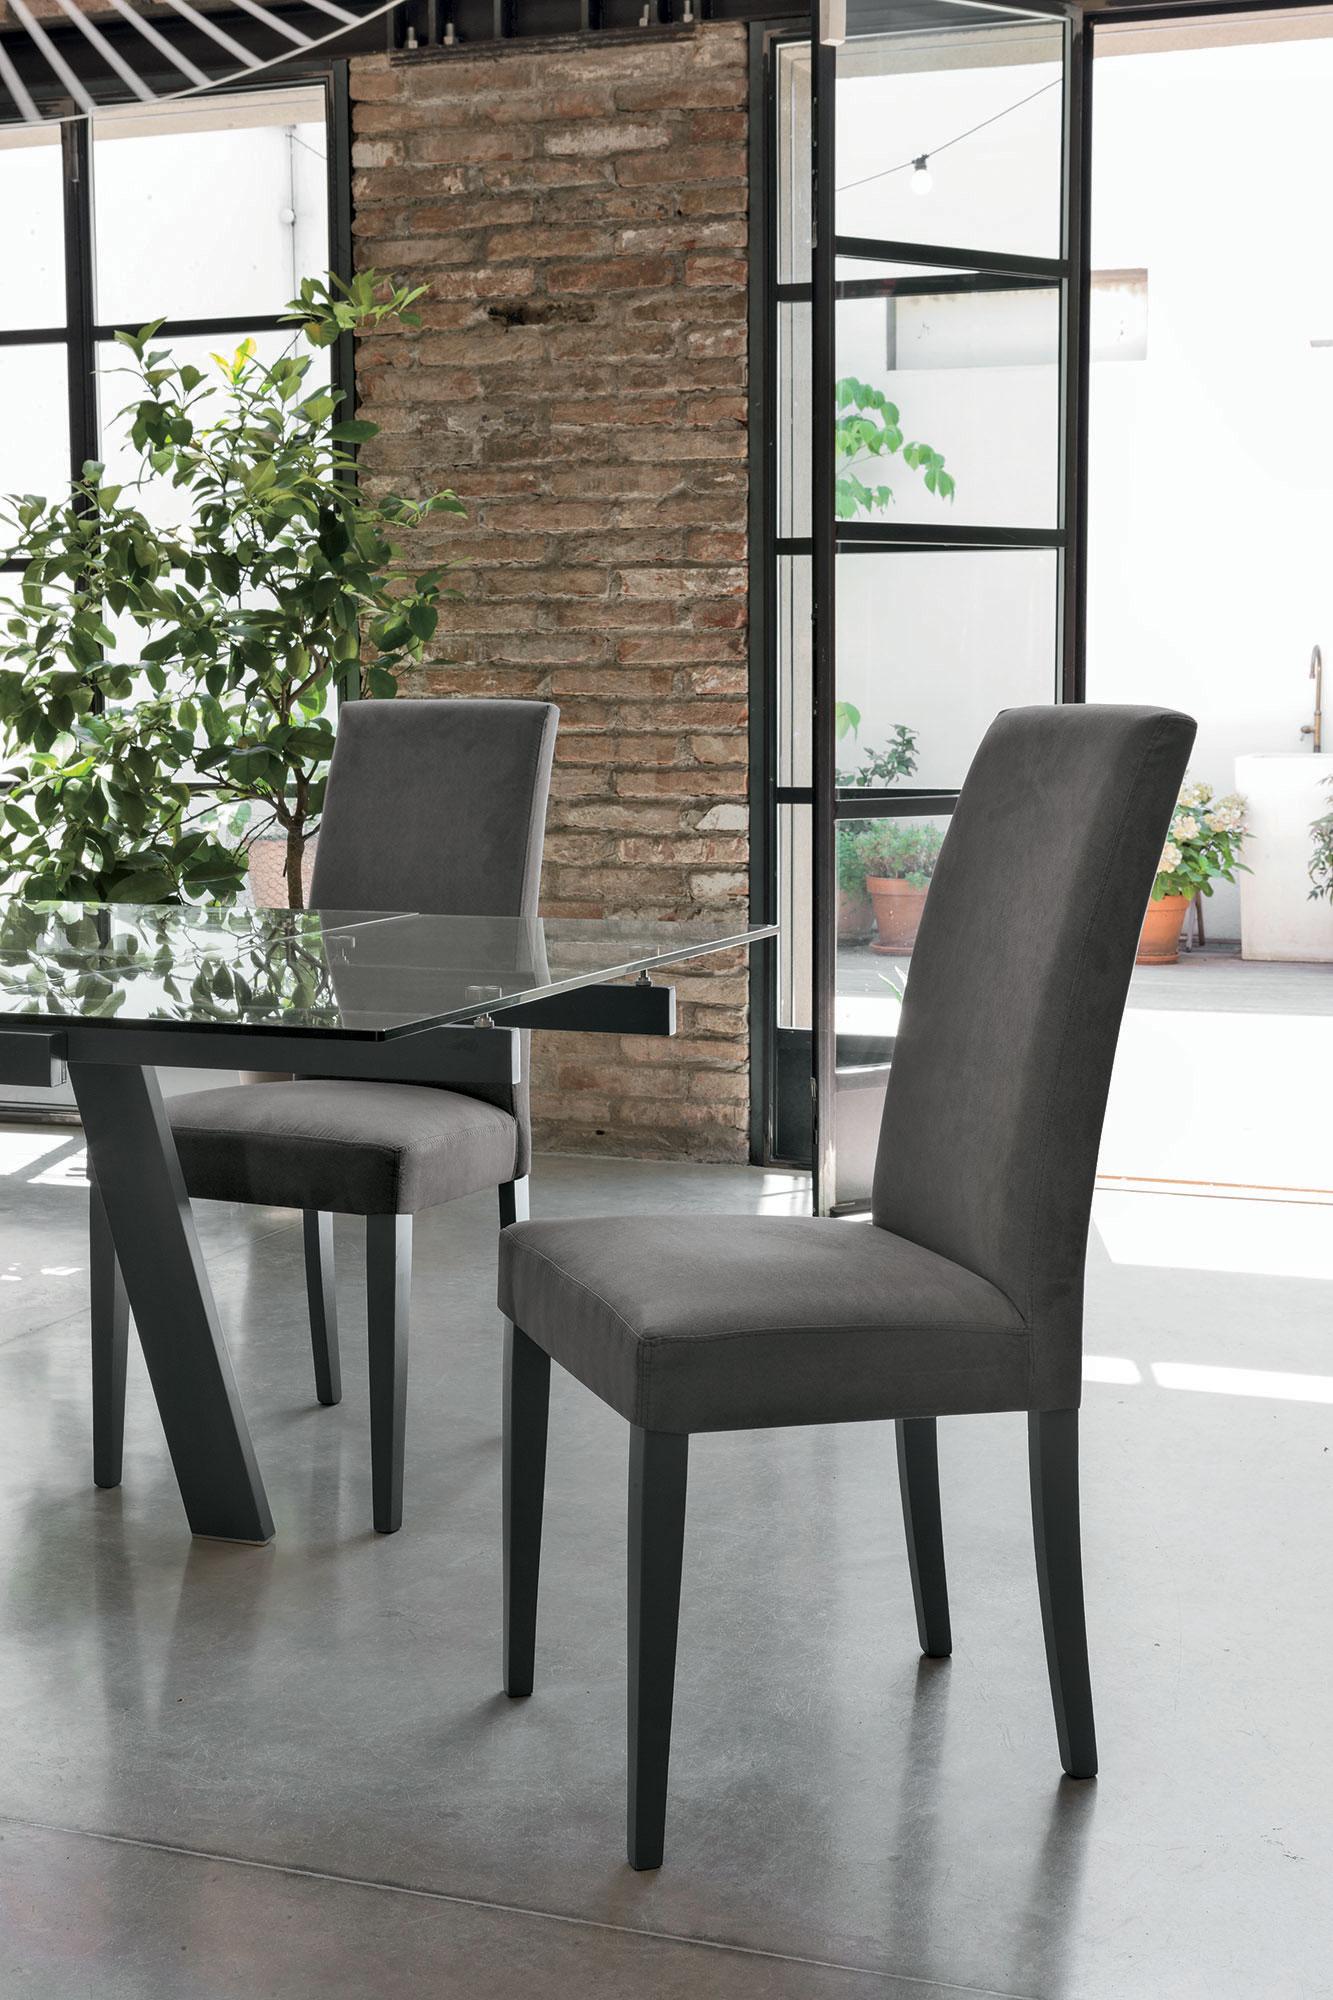 b4716fb6ec LUGANO Chair • Target Point